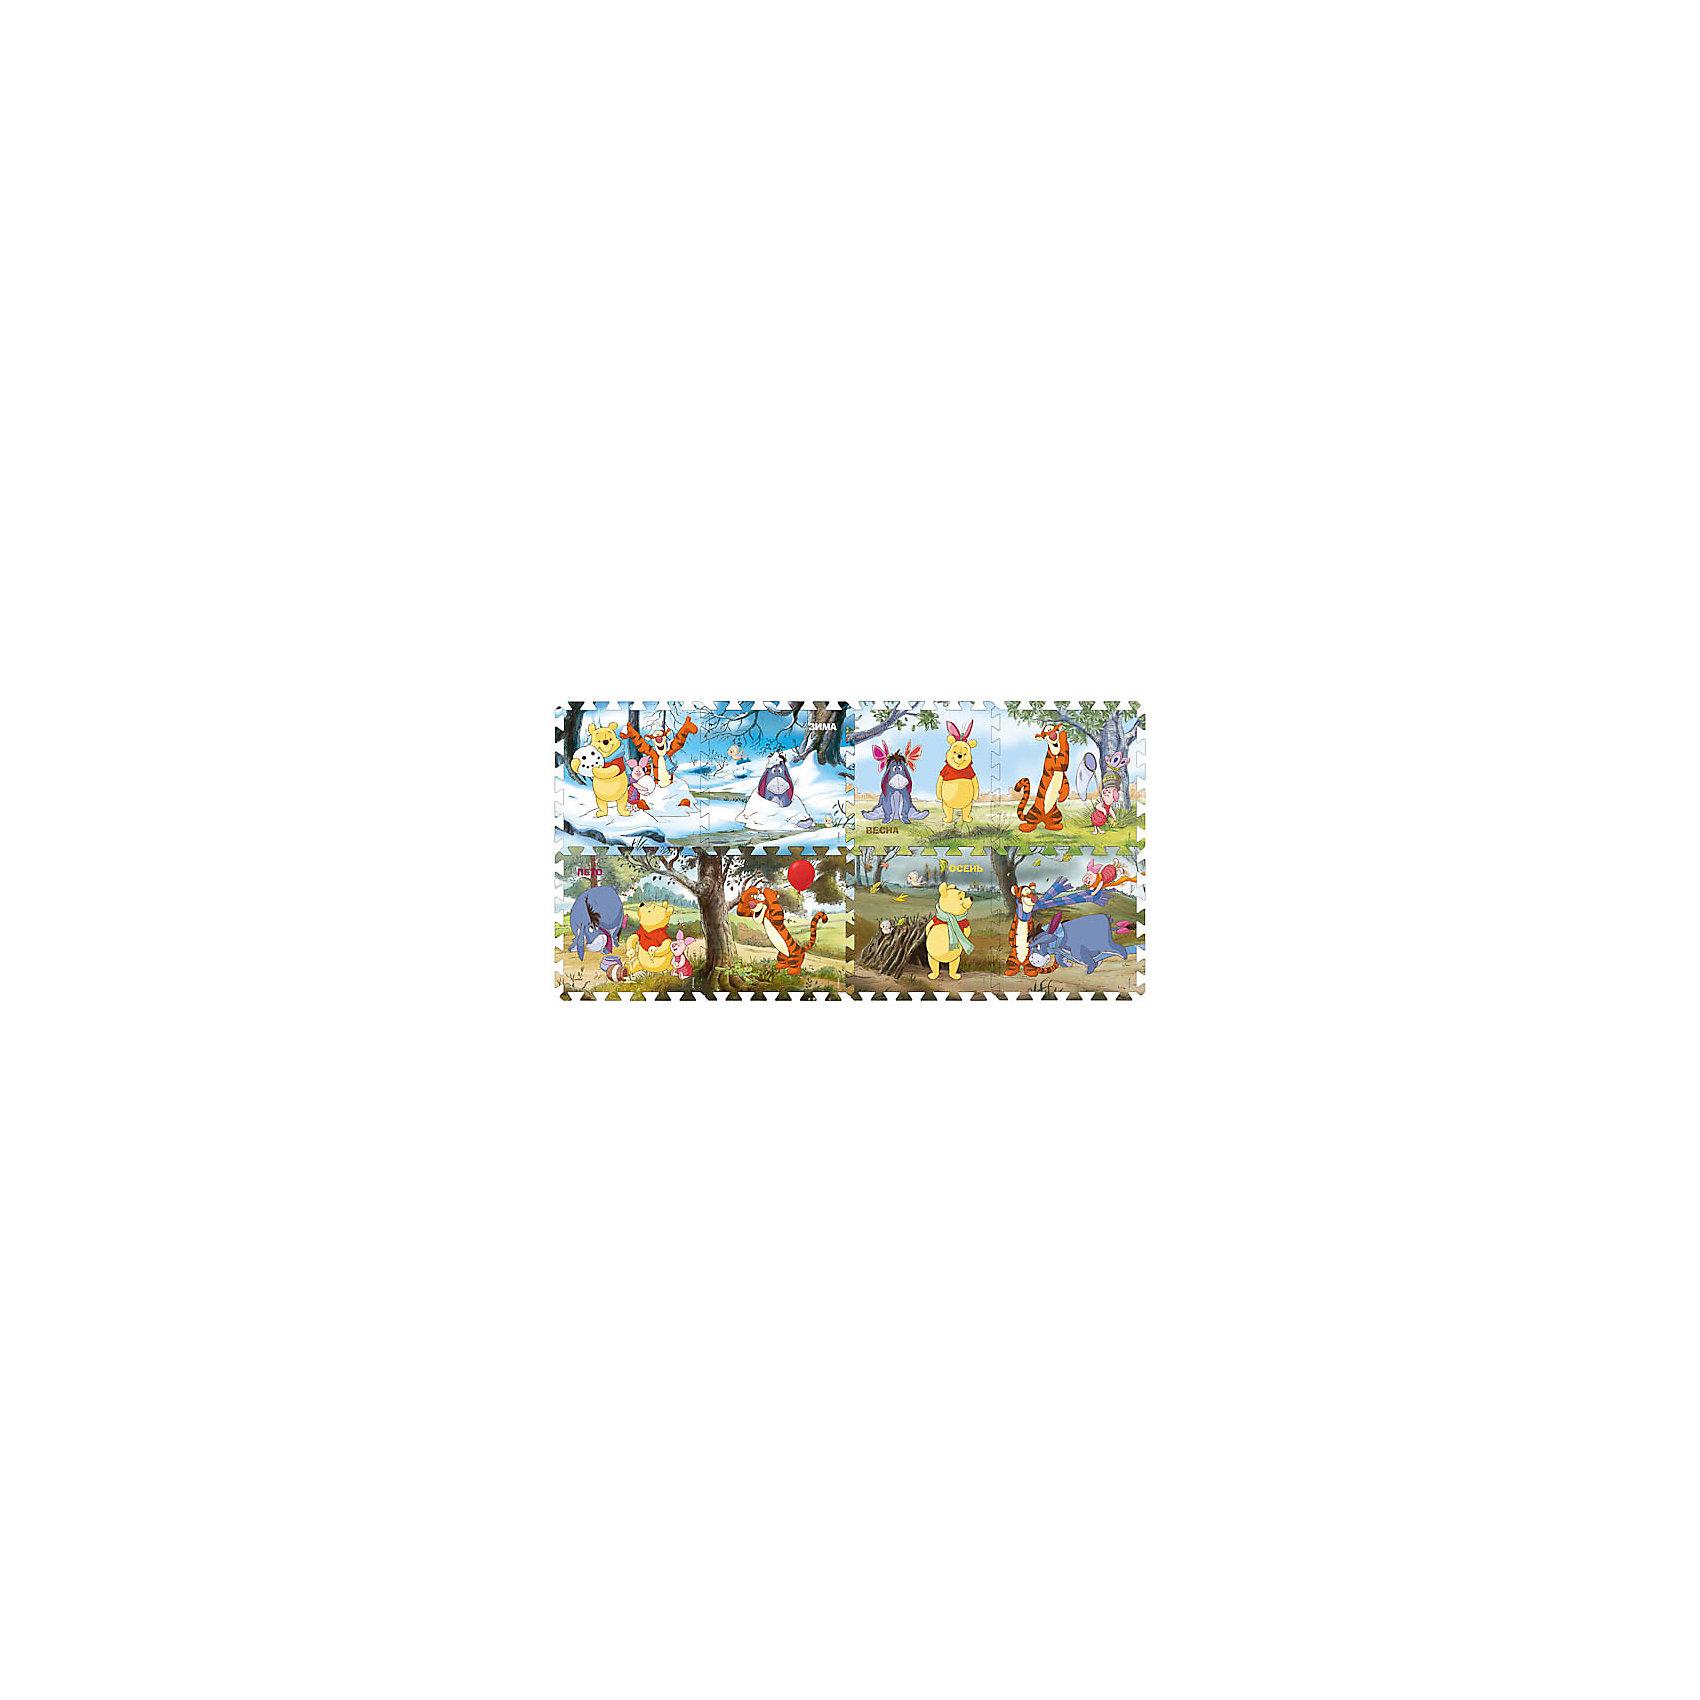 Коврик-паззл, 8 сегментов, Винни Пух, Играем вместеКоврики-пазлы<br>Коврик-пазл с изображением любимого героя - это не только практичная вещь, но и занимательная игрушка. Предложите малышу самому собрать свой коврик, а потом поиграйте на нем вместе с крохой. Безопасный и комфортный игровой коврик из пористого прорезиненного материала можно использовать как дома, так и на природе. Он легко разбирается и занимает мало места при хранении, развивает пространственное мышление, геометрические ассоциации и просто радует глаз! <br><br>Дополнительная информация:<br><br>- Материал: вспененный полимер.    <br>- Состоит из 8 сегментов.<br>- Размер одного сегмента: 30х30 см.  <br>- Сегменты можно собирать в любом порядке. <br><br>Коврик-пазл, 8 сегментов, Винни Пух, Играем вместе, можно купить в нашем магазине.<br><br>Ширина мм: 315<br>Глубина мм: 315<br>Высота мм: 315<br>Вес г: 500<br>Возраст от месяцев: 12<br>Возраст до месяцев: 36<br>Пол: Унисекс<br>Возраст: Детский<br>SKU: 4244432